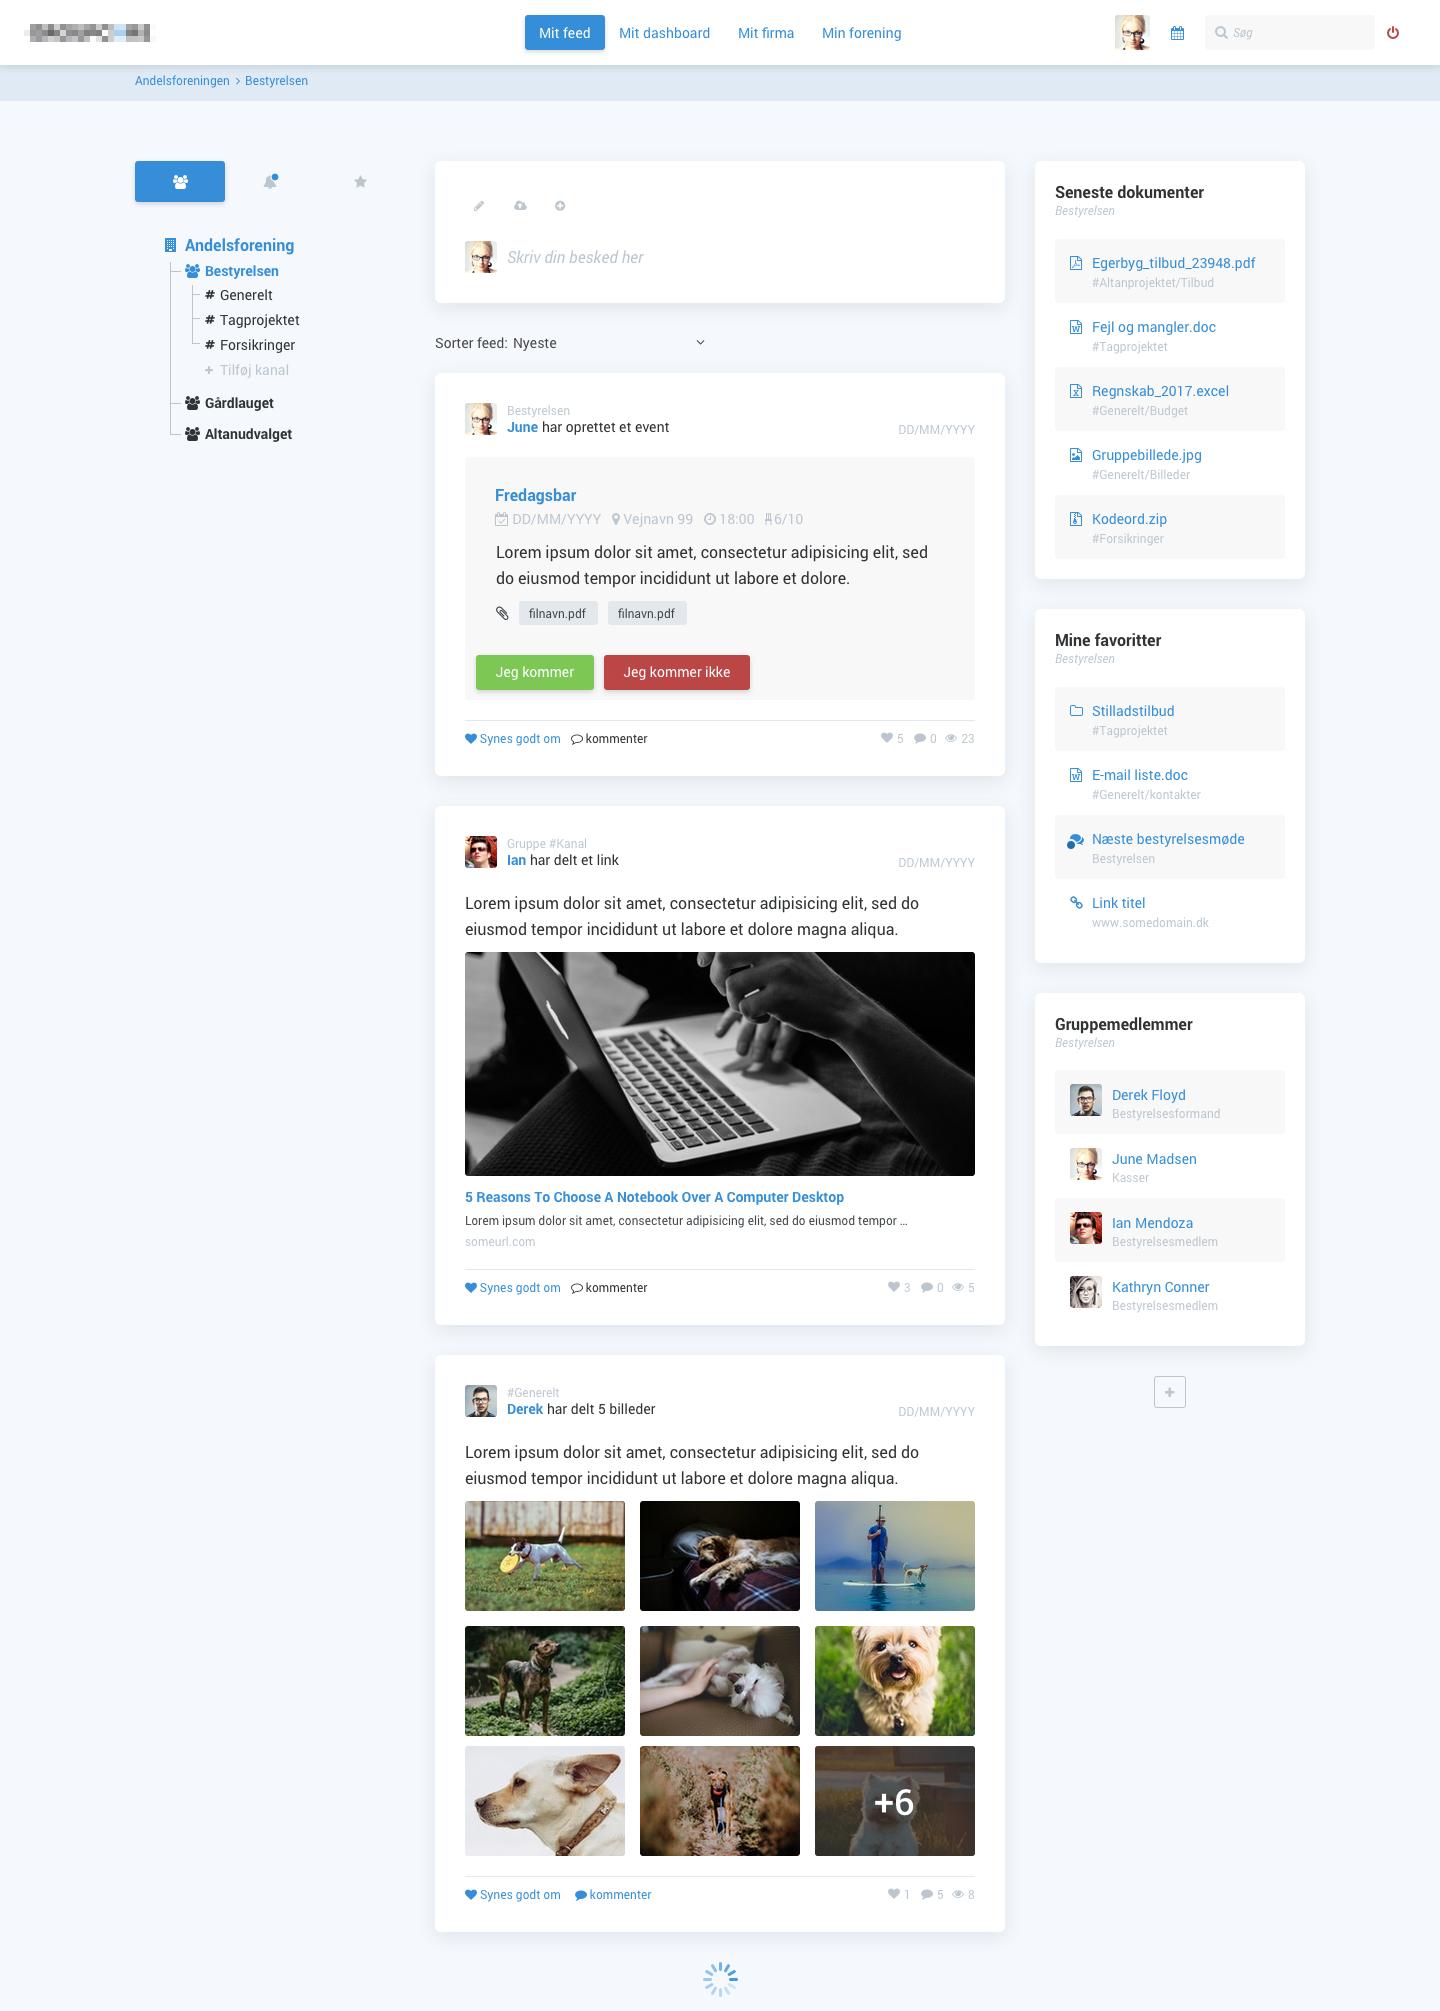 Social platform feed